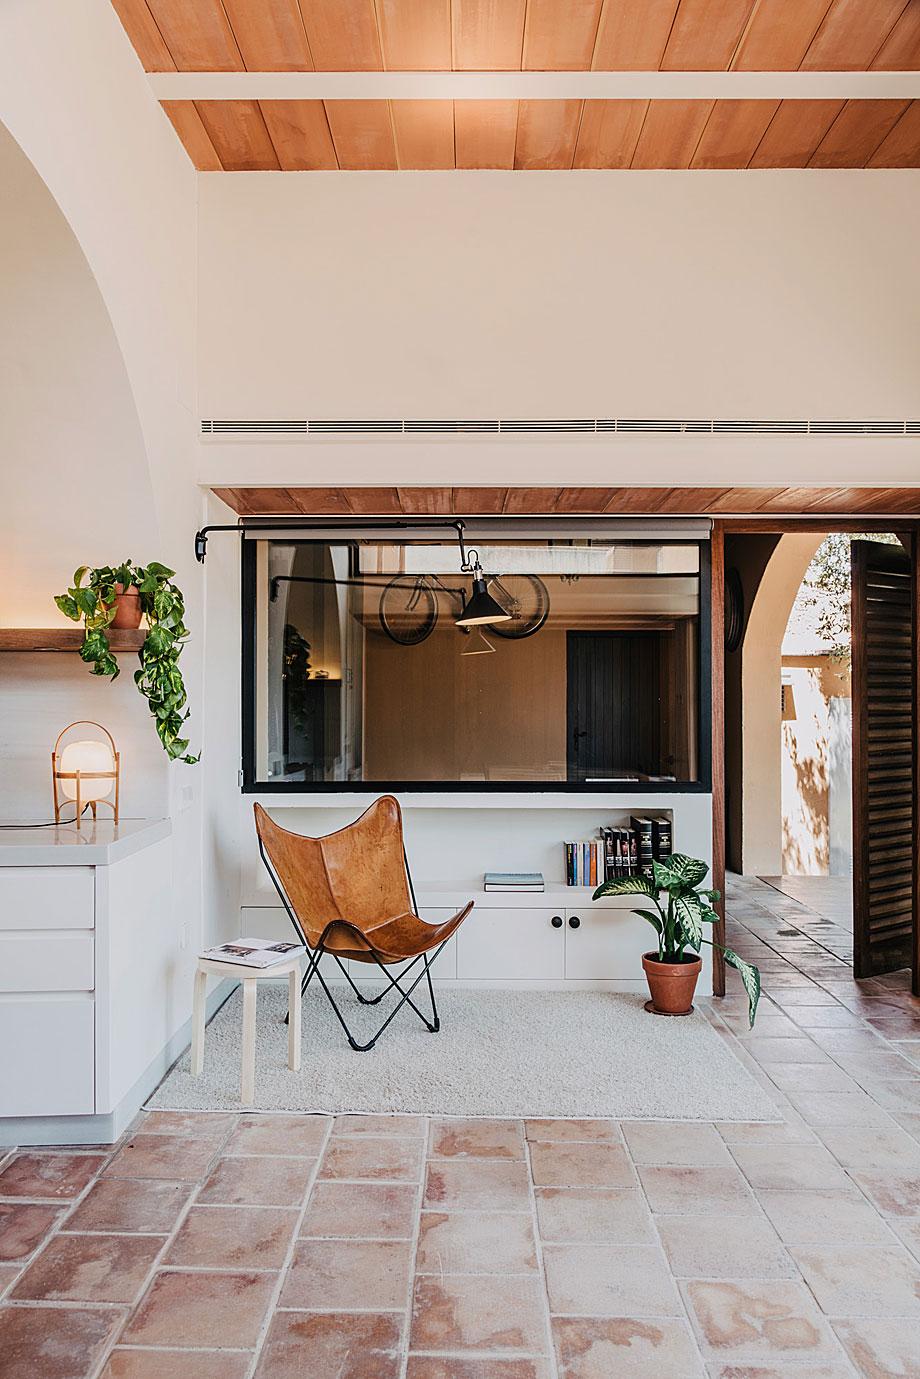 mesura-architecture-sant-mori-ampliacion-girona-housing-project-spain-arquitectura-8